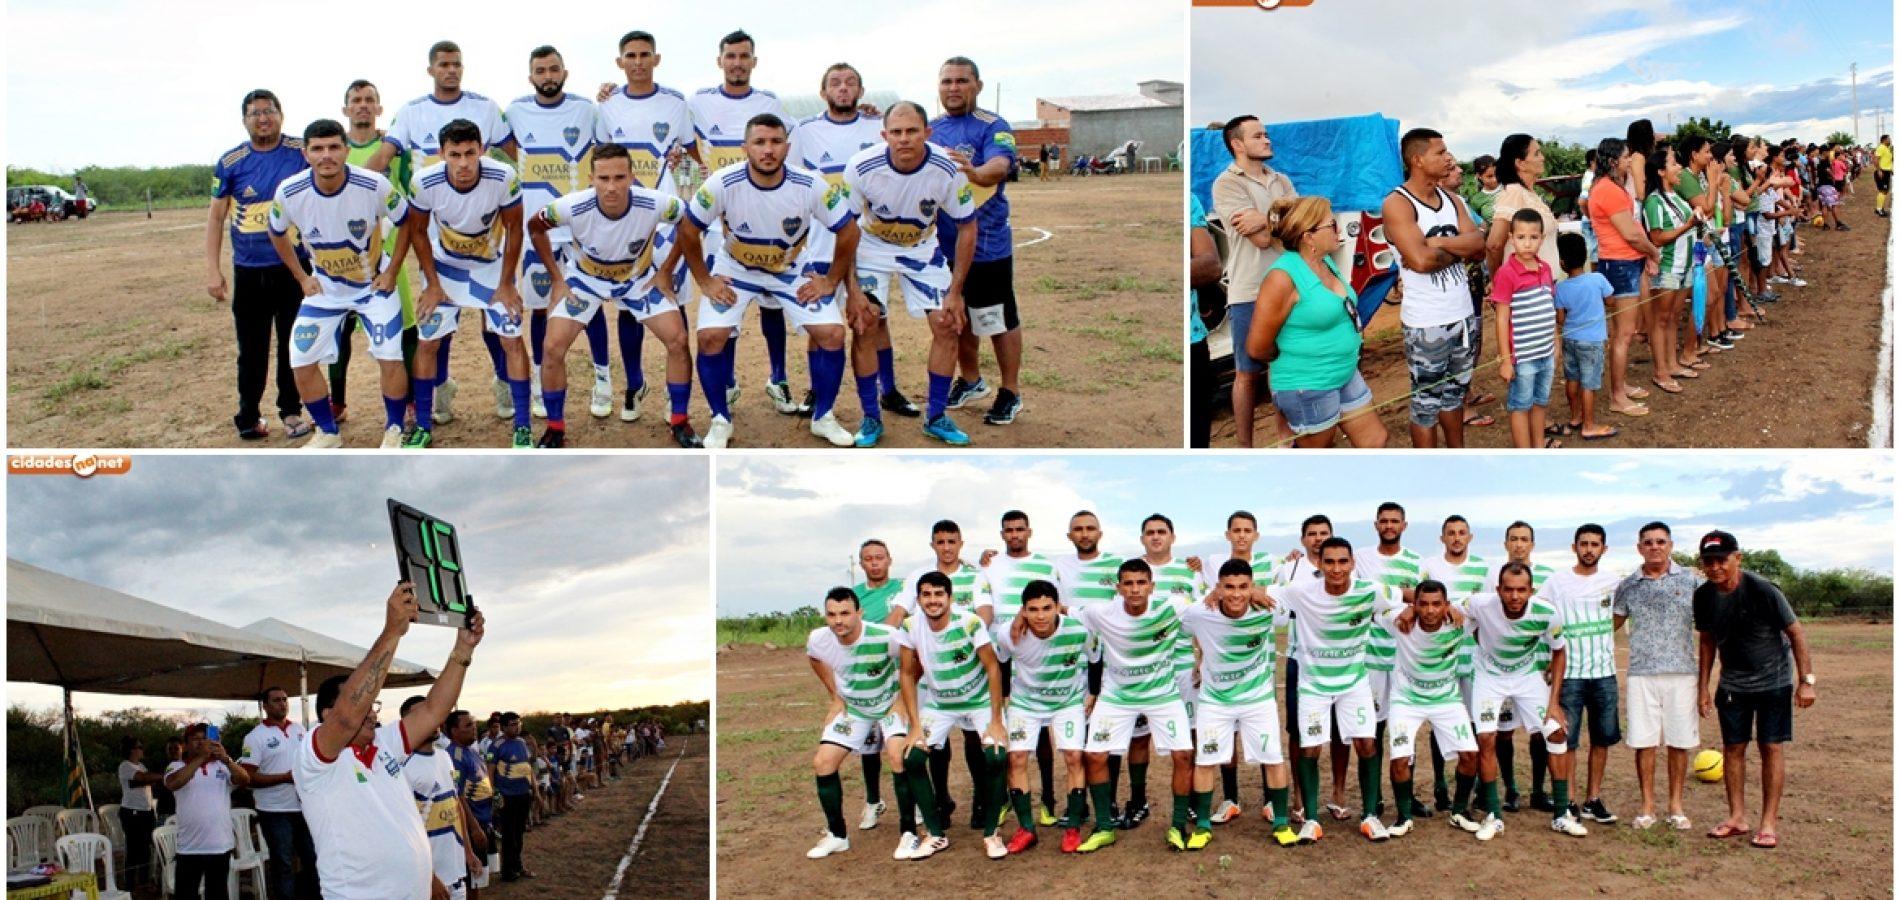 ALEGRETE | Boca Juniors e Alegrete Velho empatam na abertura do 28º Campeonato de Futebol; fotos